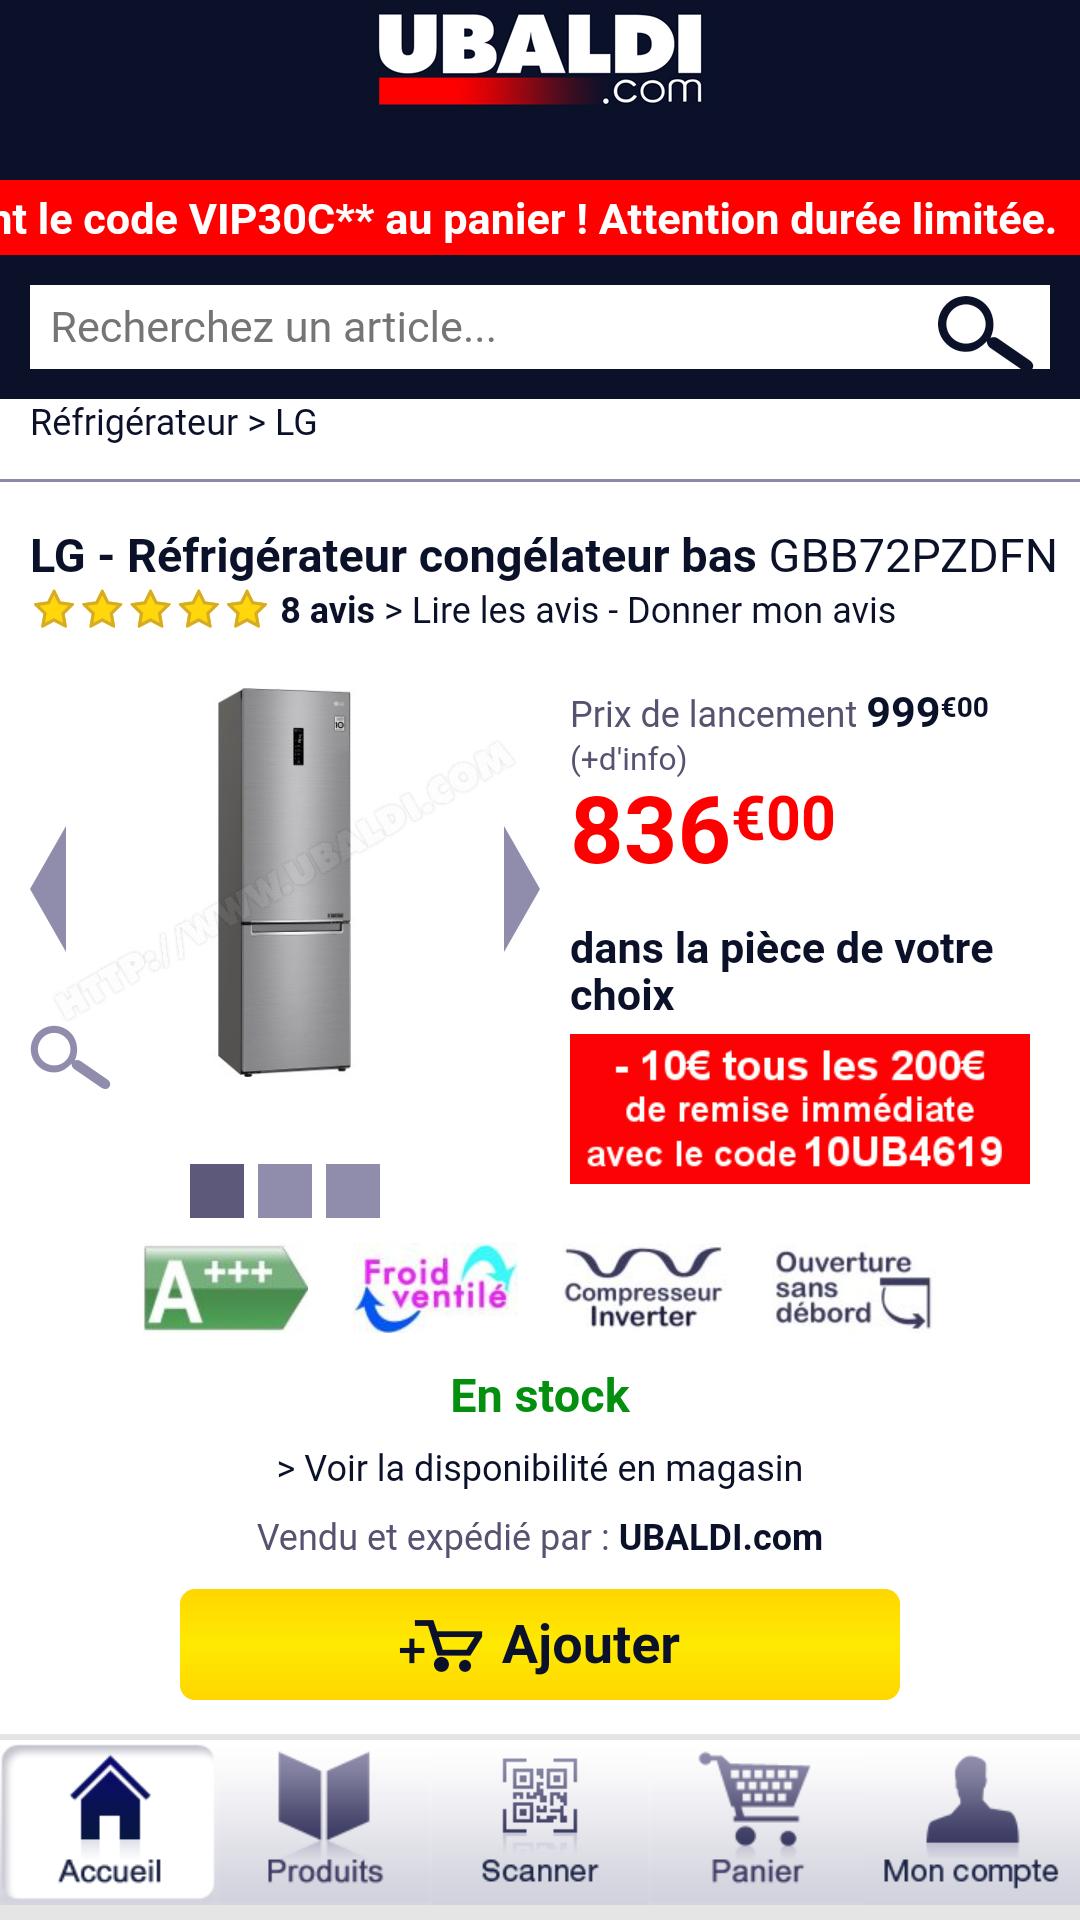 LG - Réfrigérateur congélateur basGBB72PZDFN+ -10€ tous les 100€ d'achat avec le code promo